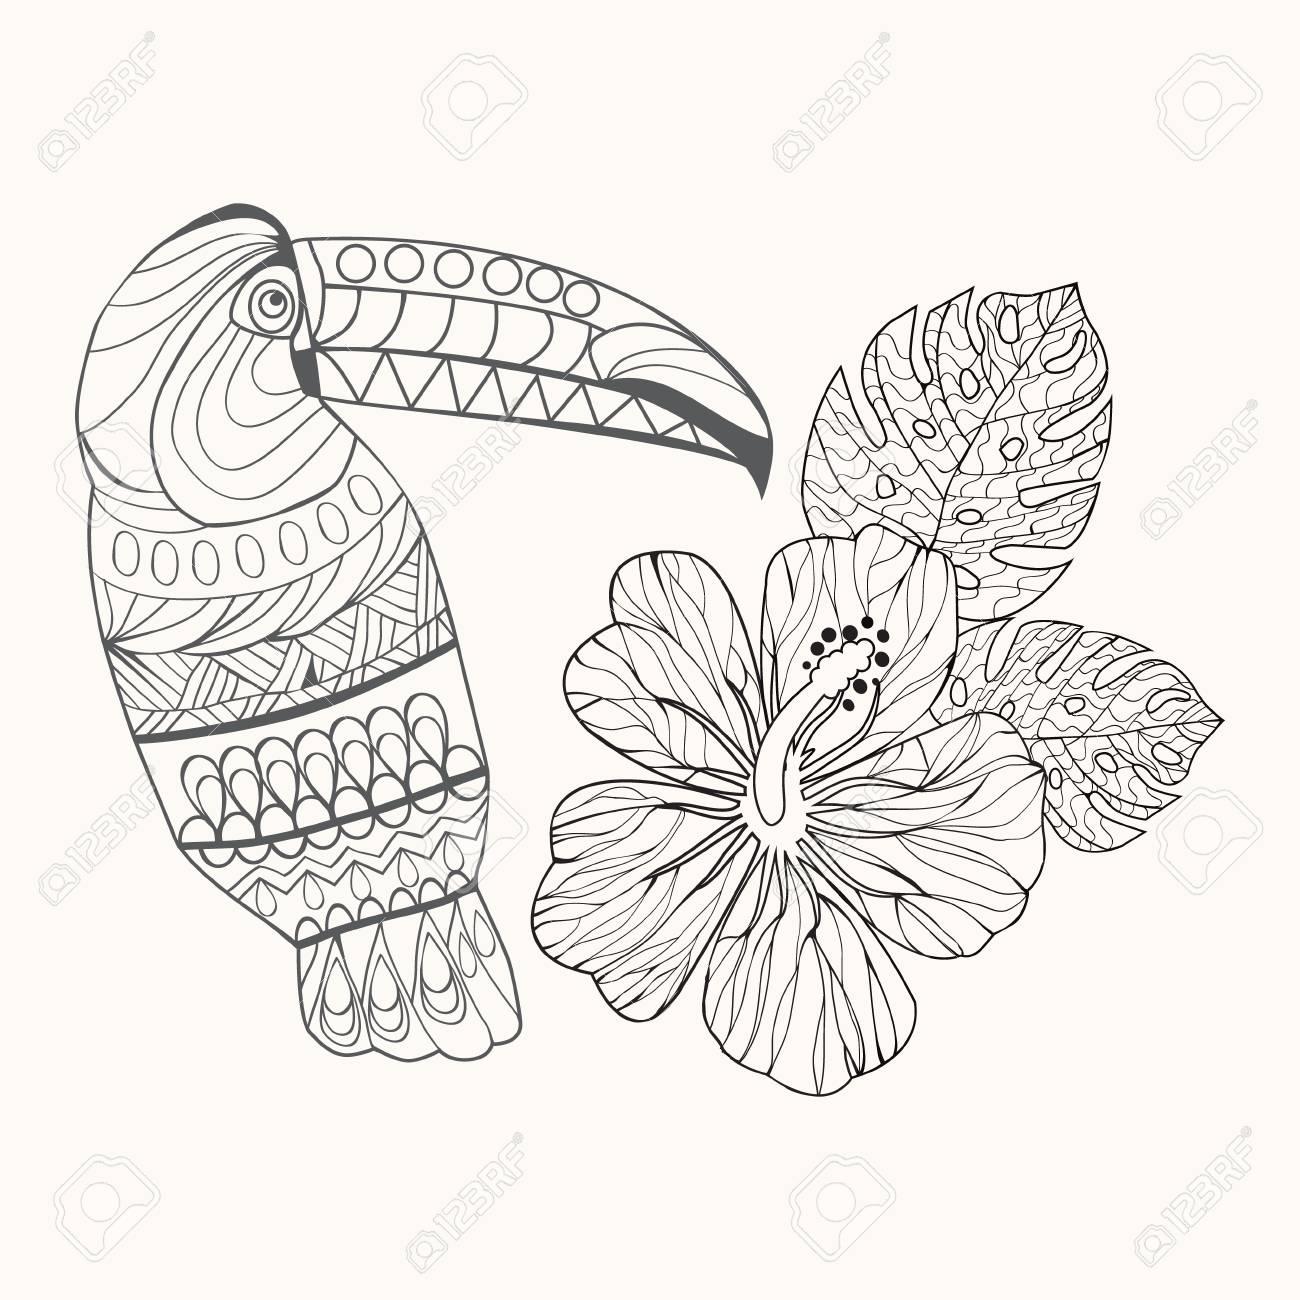 Malvorlagen Hibiskusblüten  Coloring and Malvorlagan